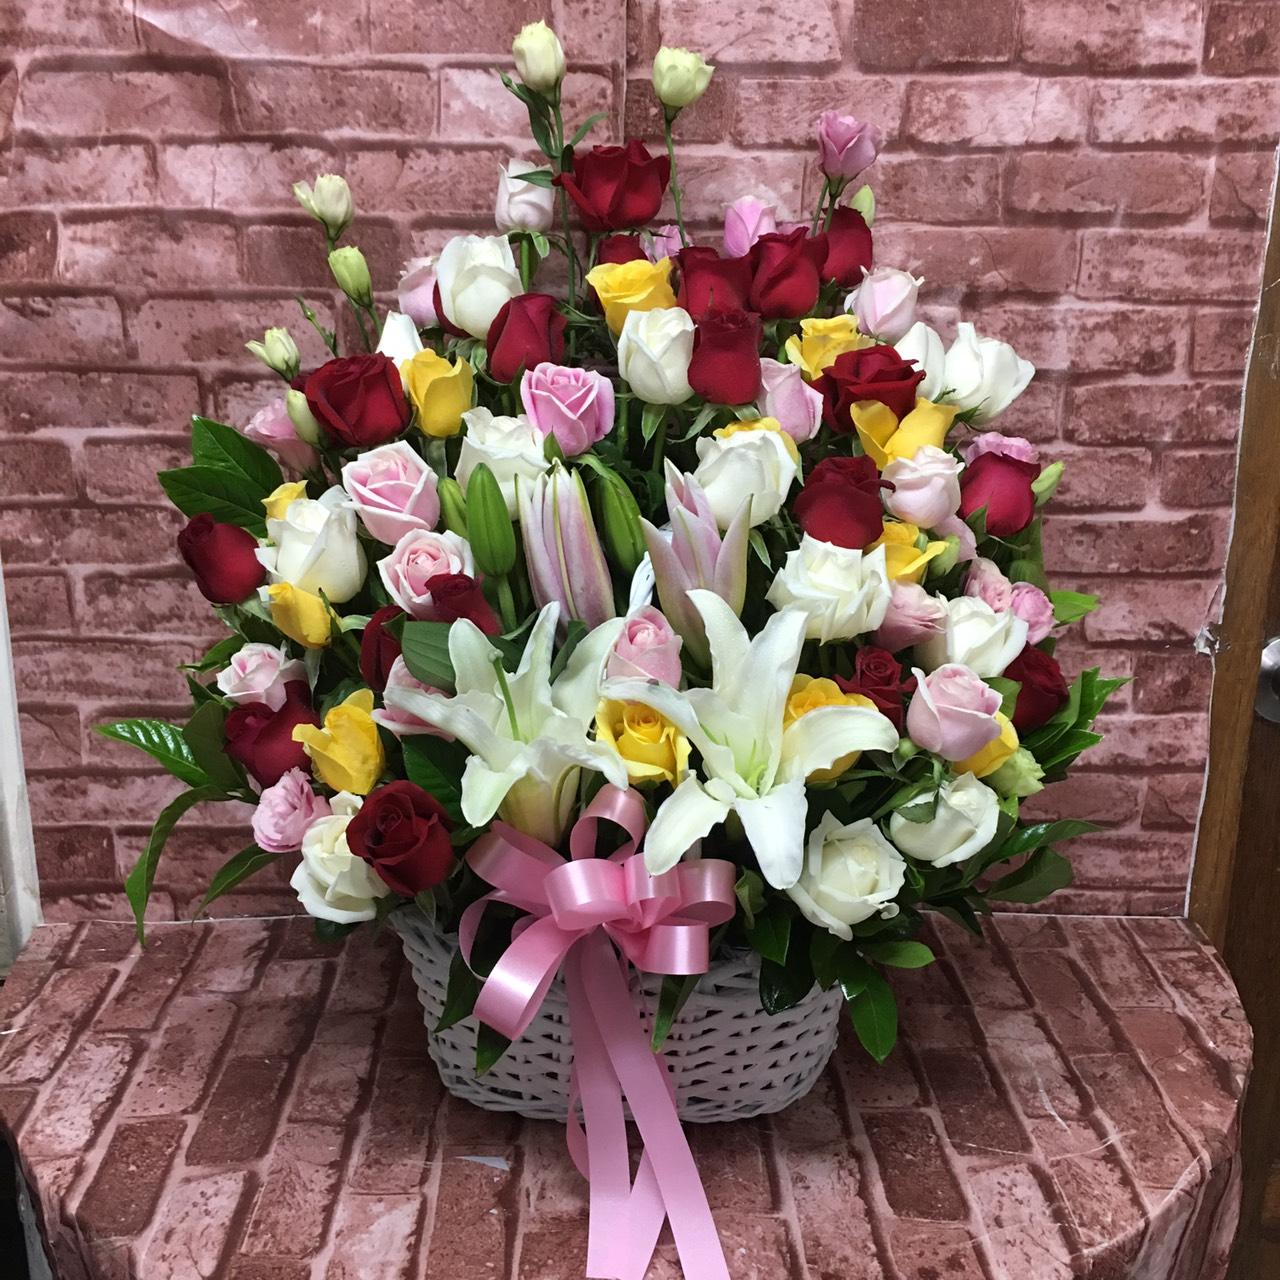 ดอกกุหลาบสีสันต่าง ๆ นำมาจัดเป็นกระเช้าดอกไม้ แซมด้วยดอกลิลลี่